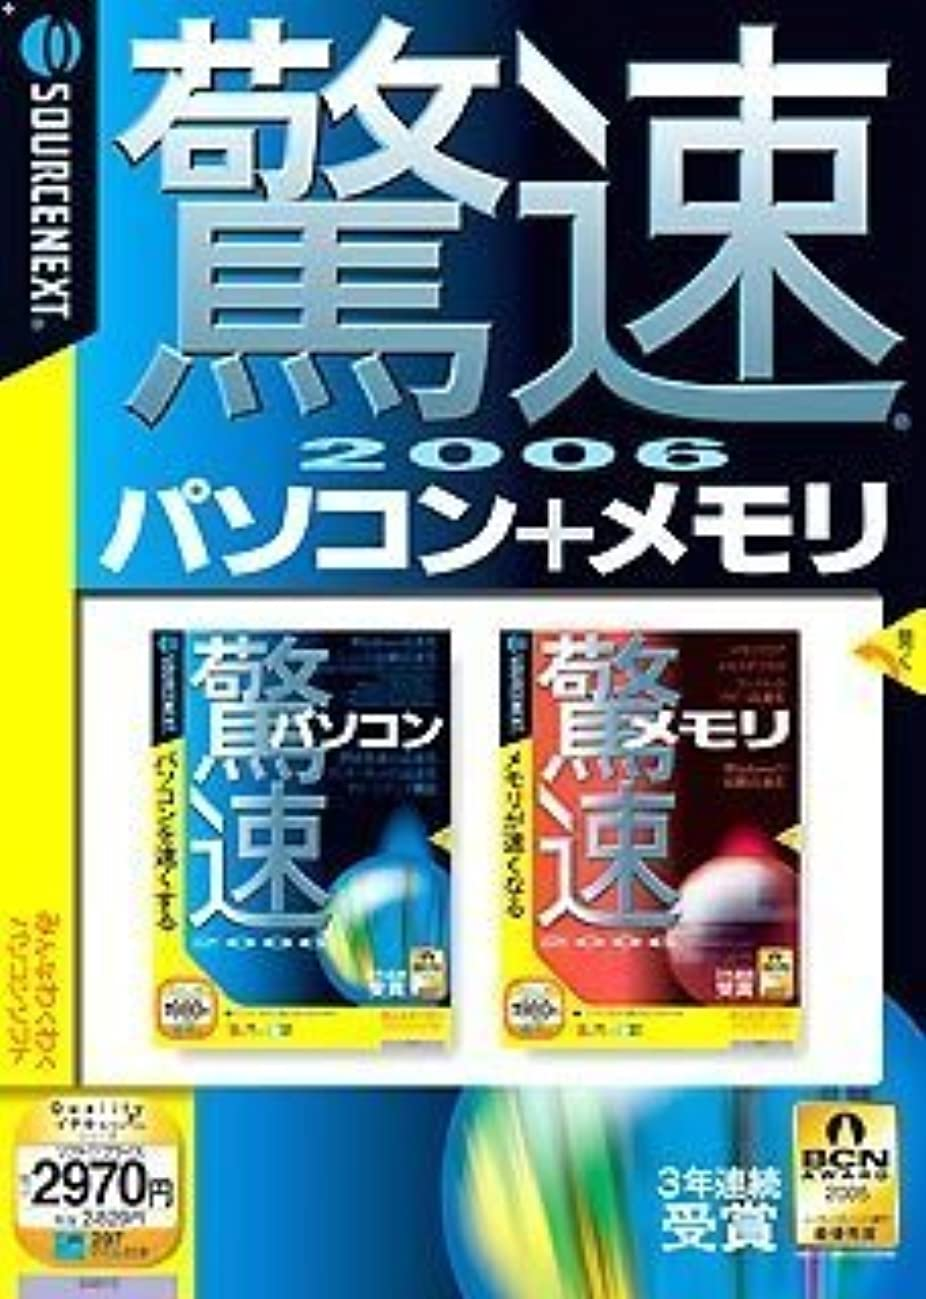 柔和プラス写真を撮る驚速2006 パソコン + メモリ (説明扉付きスリムパッケージ版)